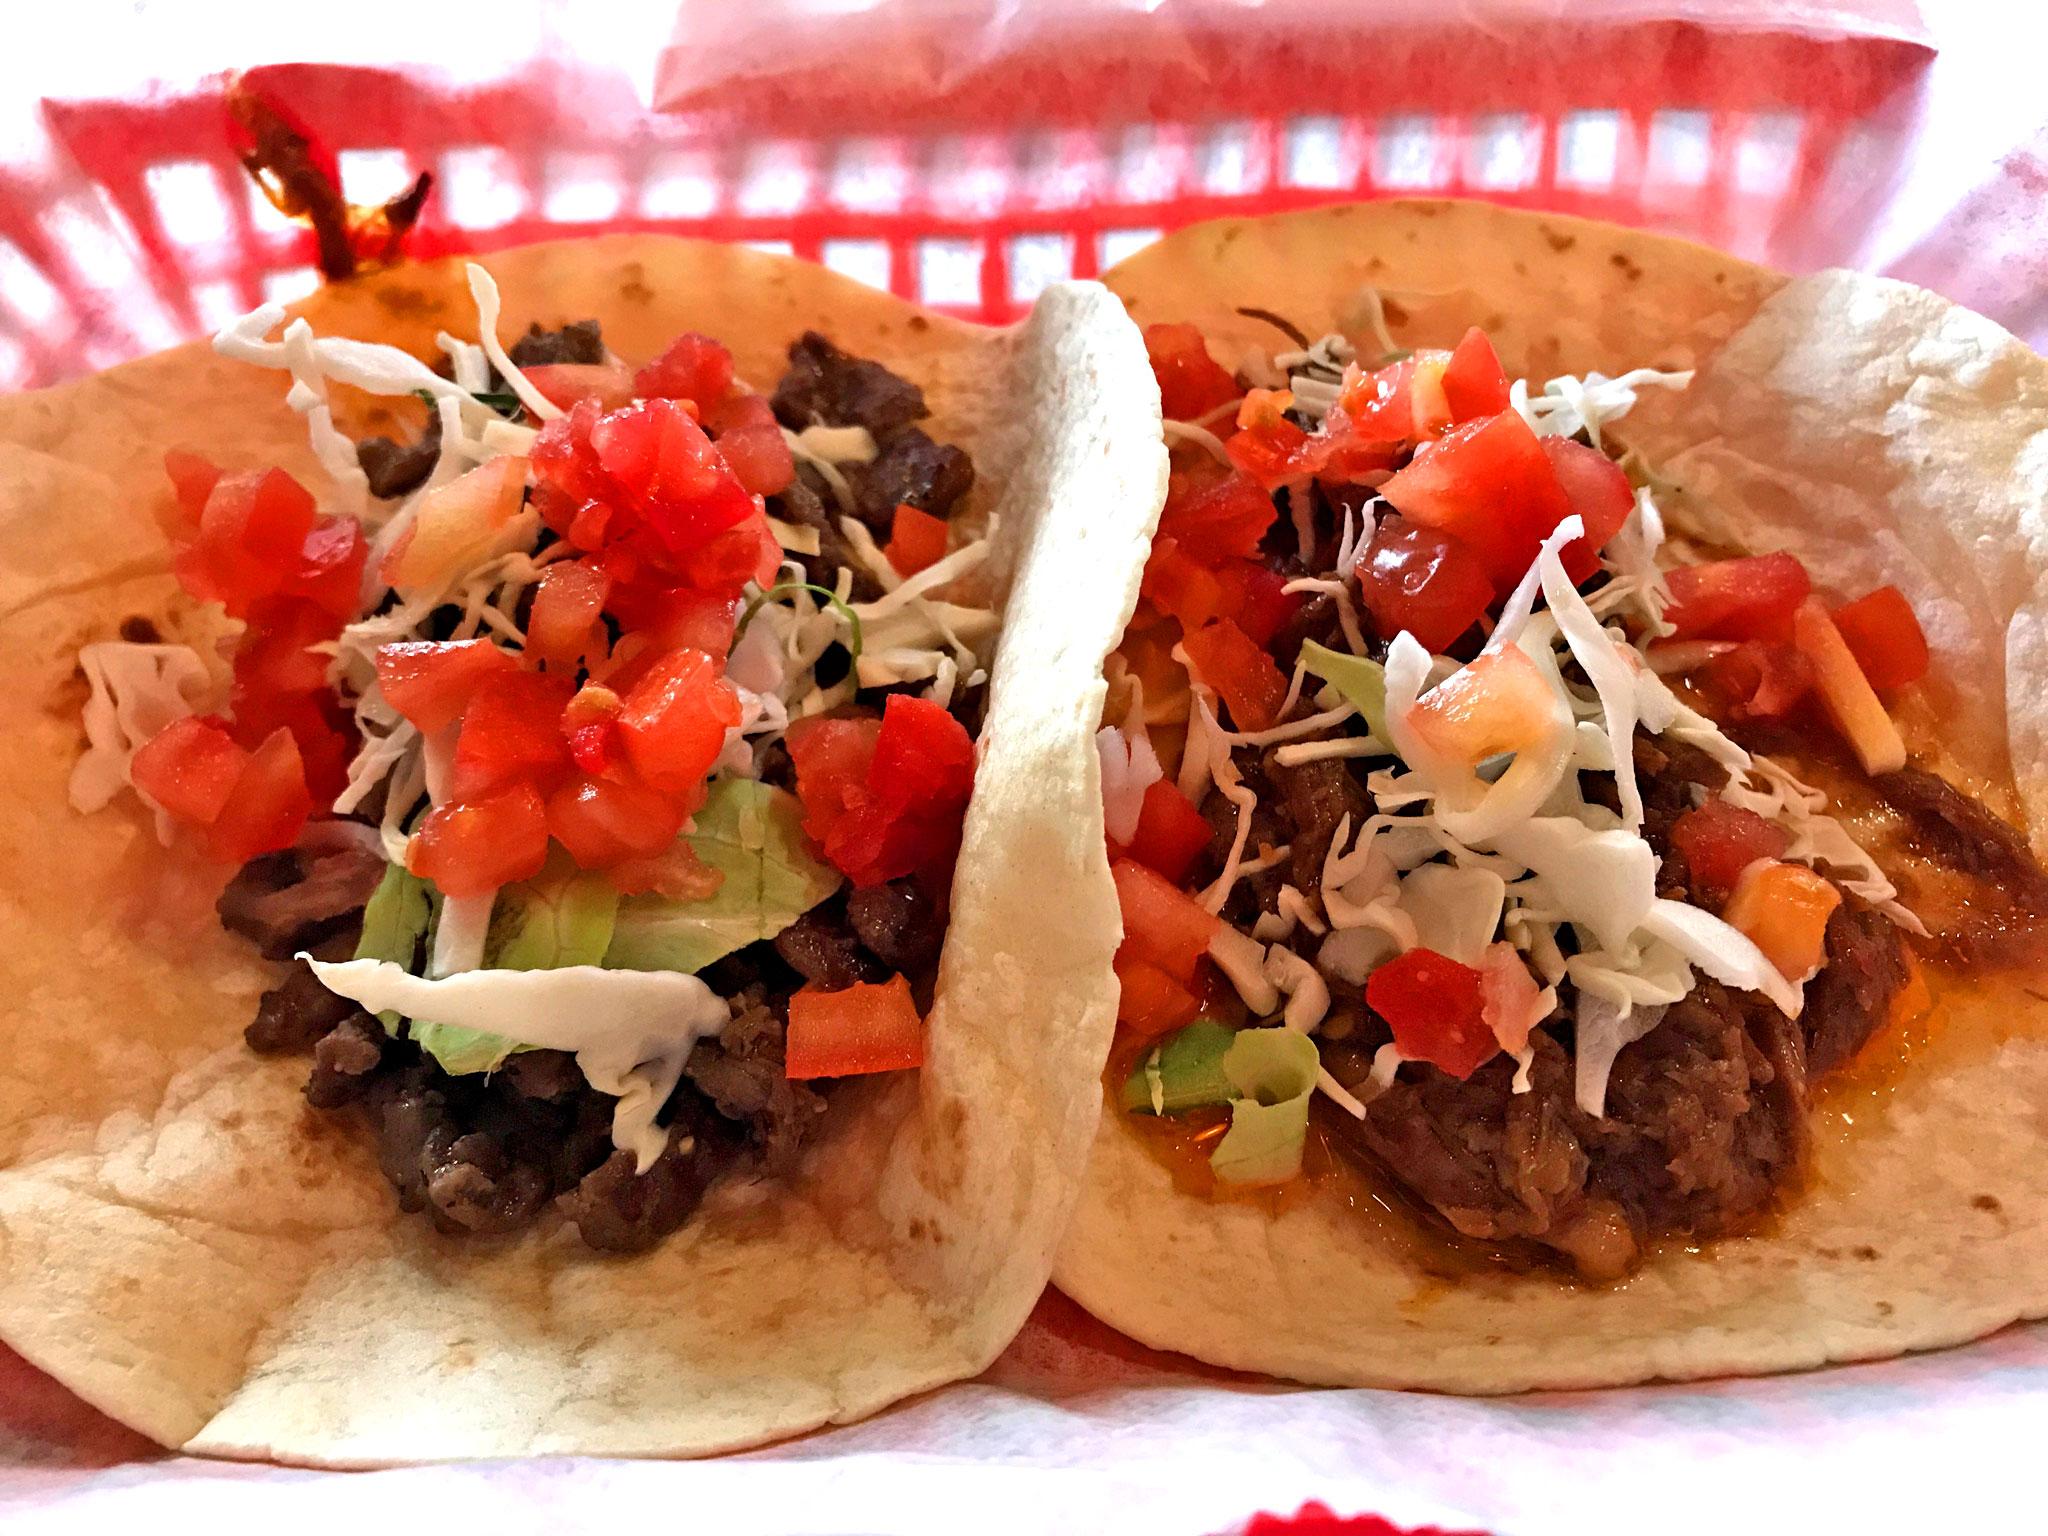 Carne Asada Taco (L), Barbacoa Taco (R)